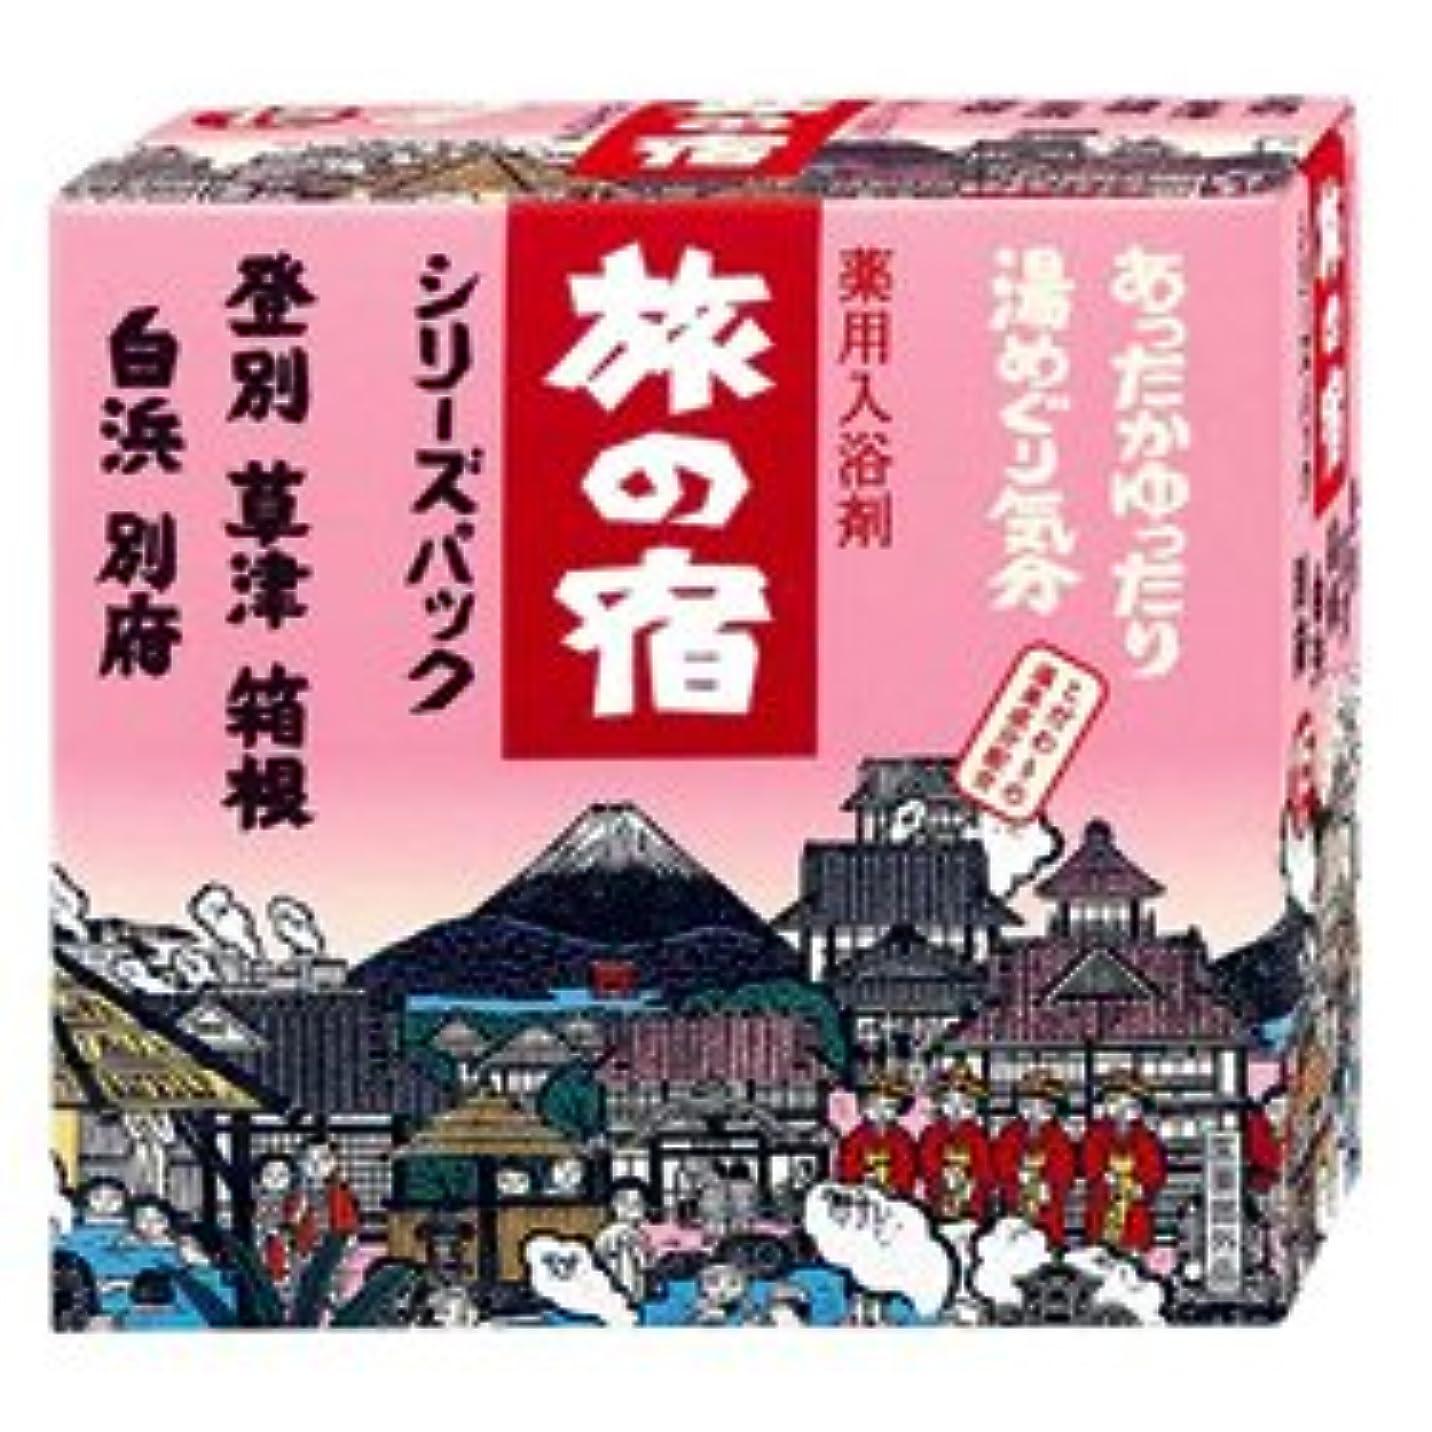 行くセージフィクション【クラシエ】旅の宿 とうめい湯シリーズパック 15H ×20個セット